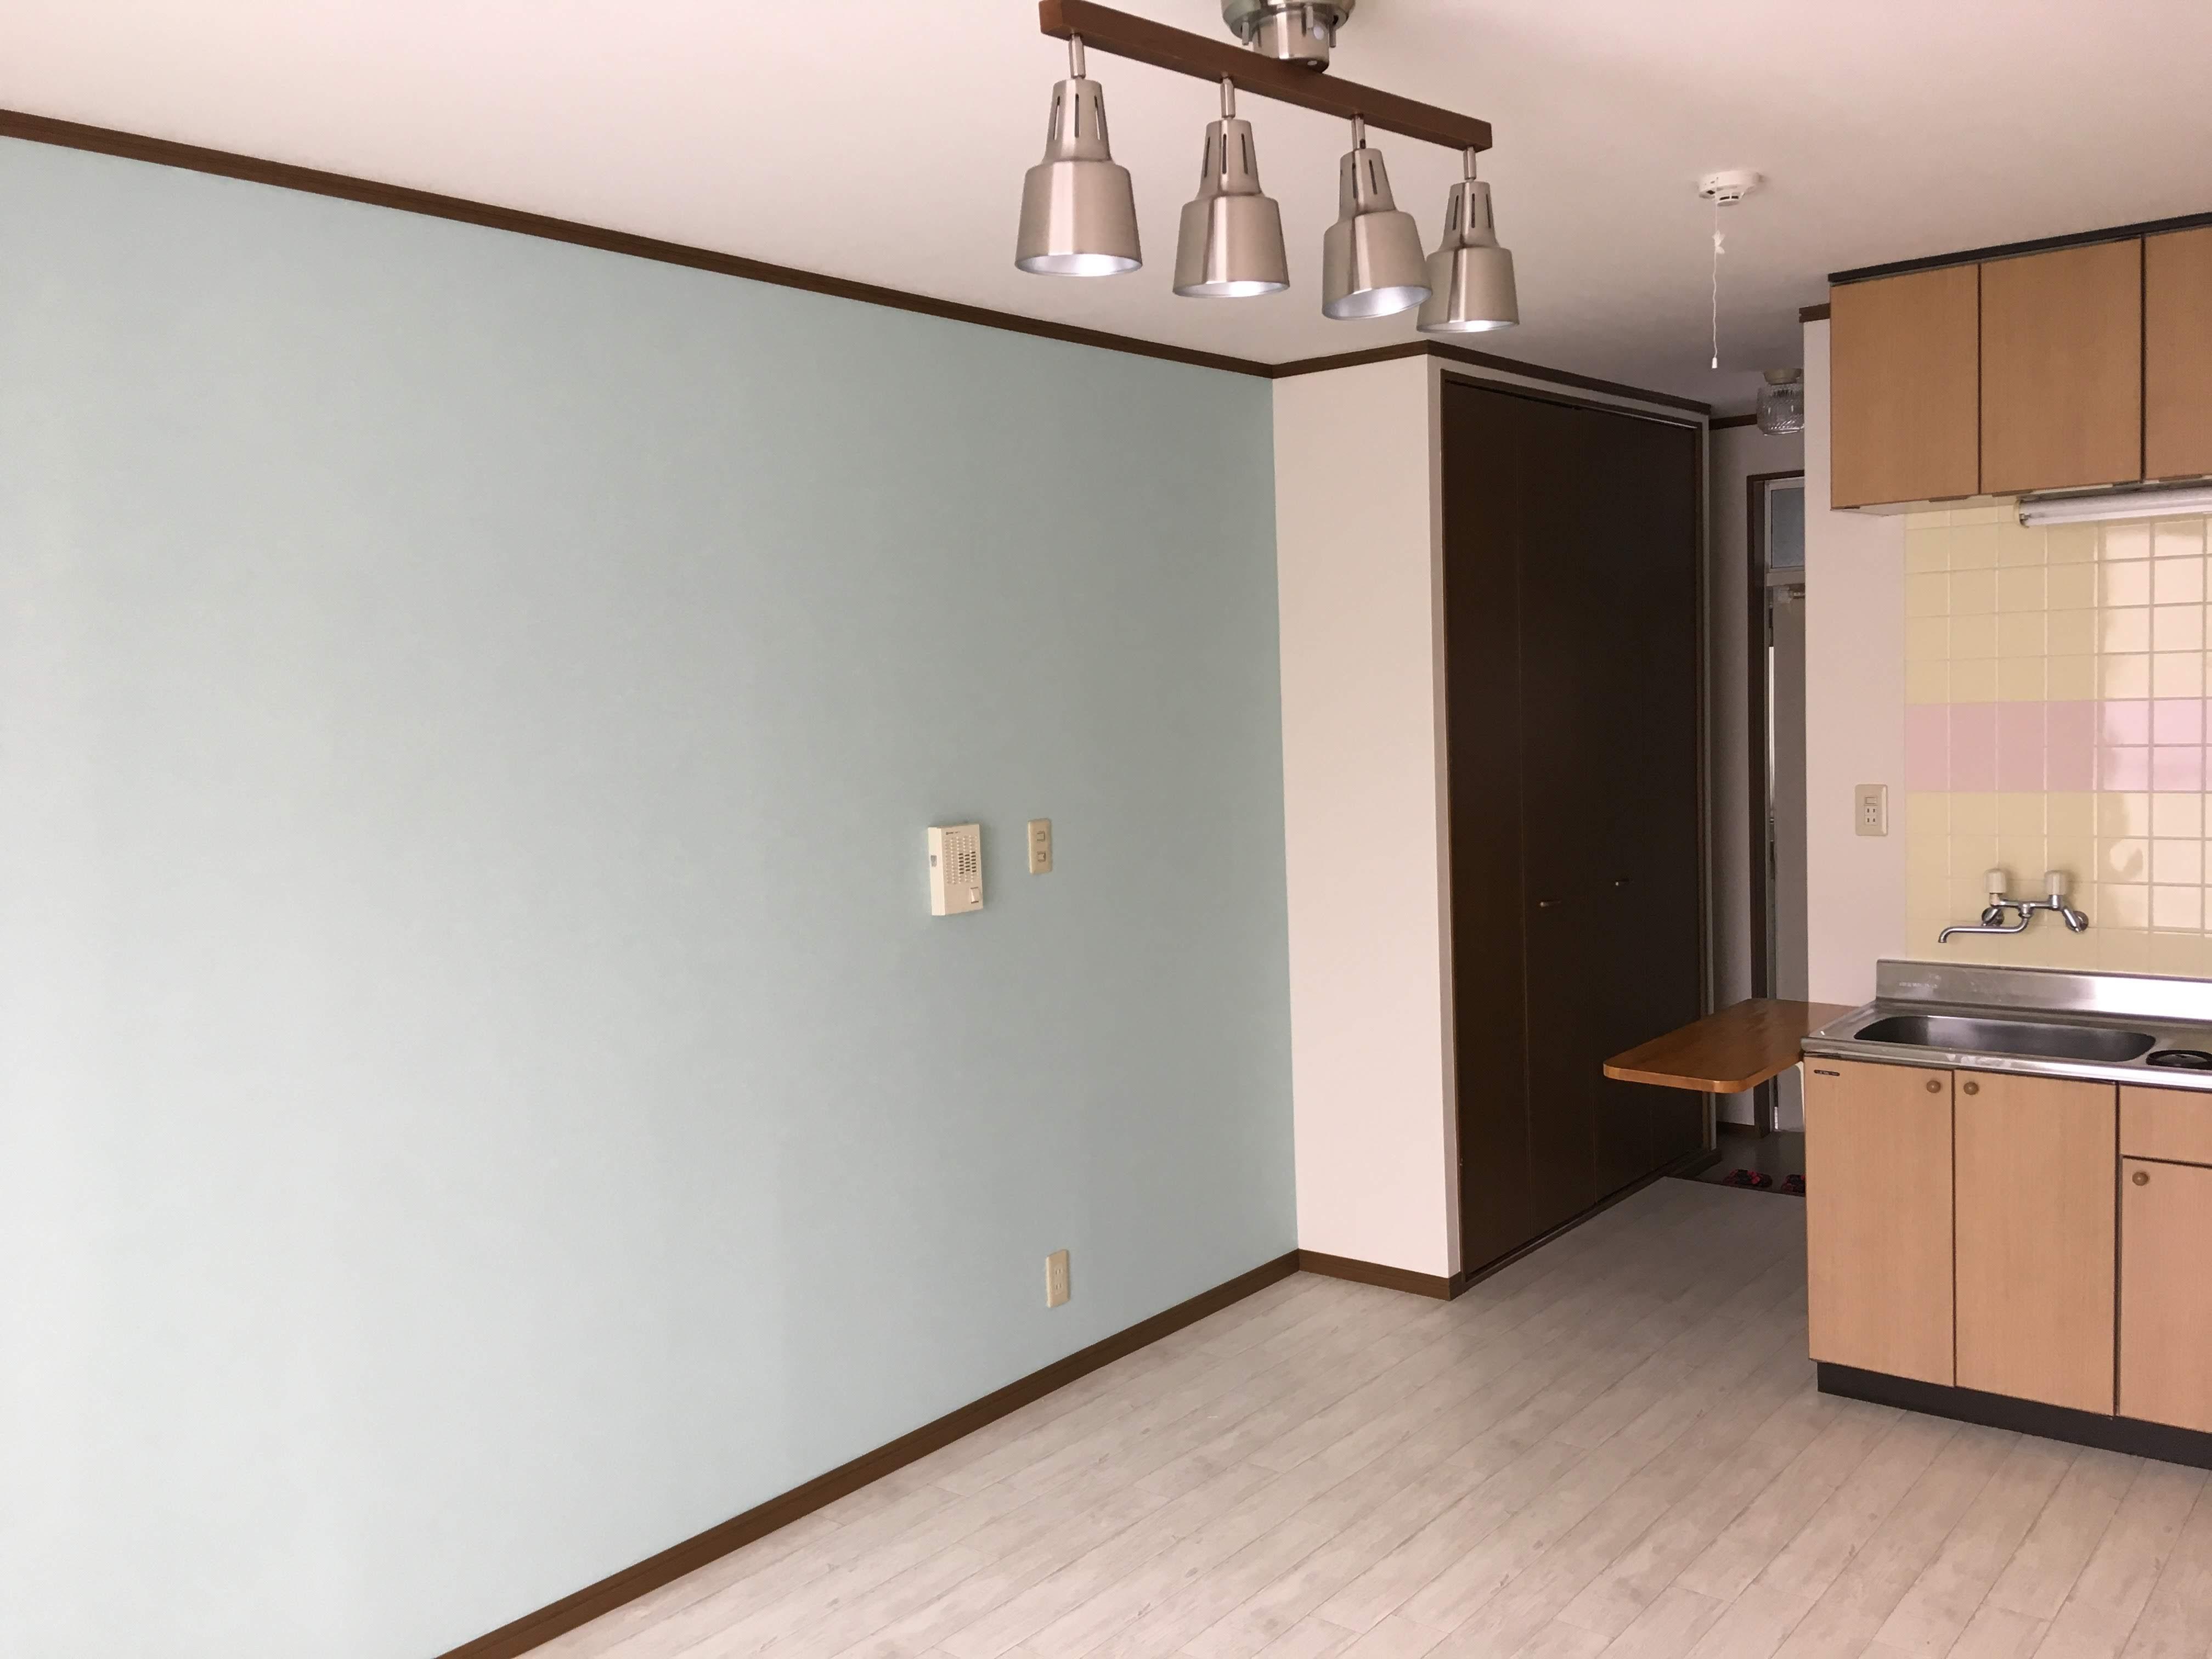 アパートの内装リフォーム │ 仙台市H・M様 実績1